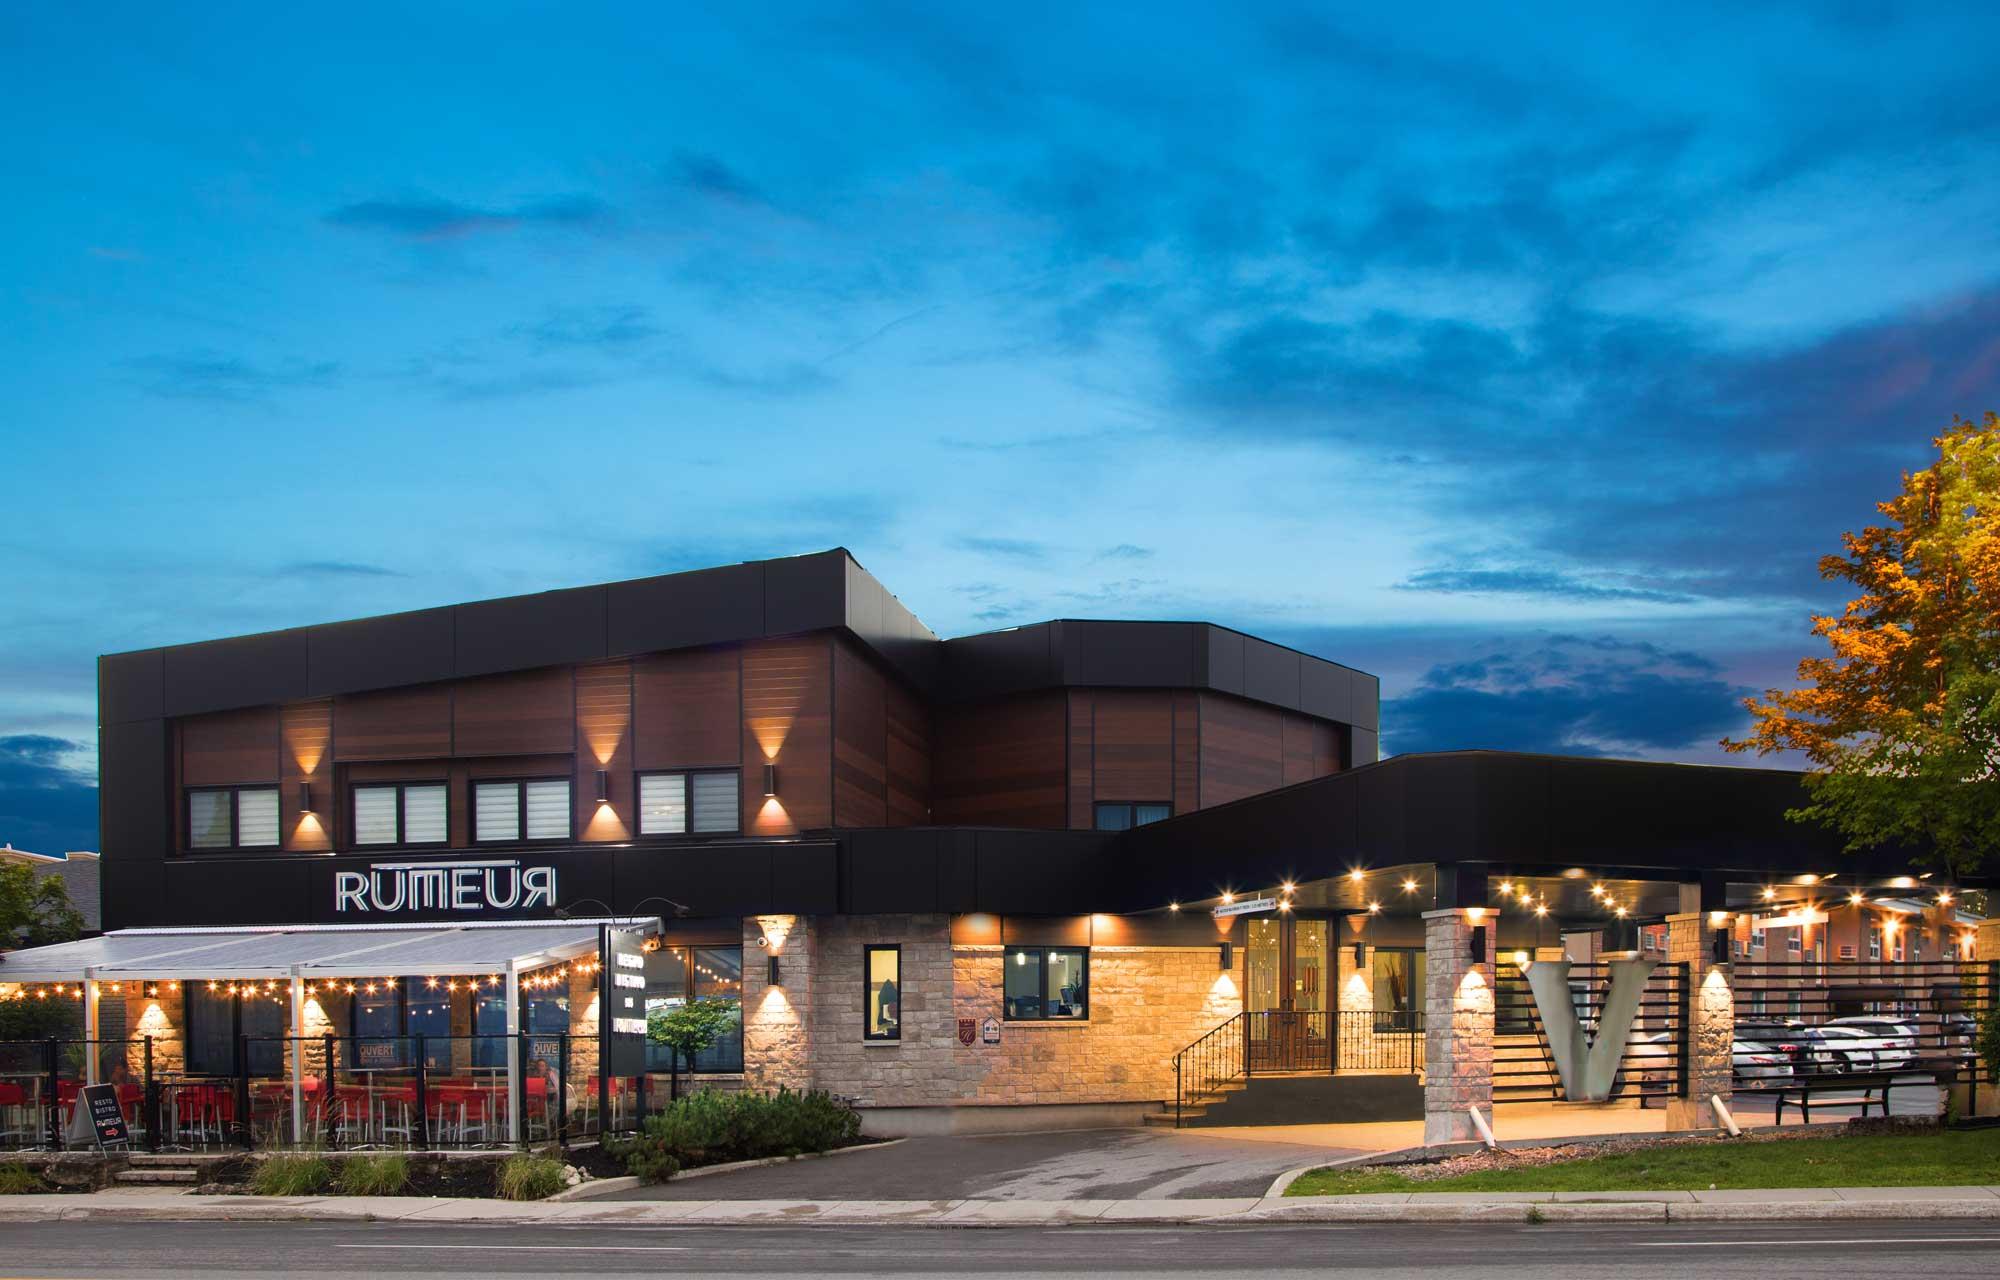 Hôtel gatineau outaouais u hôtel étoiles près d ottawa avec